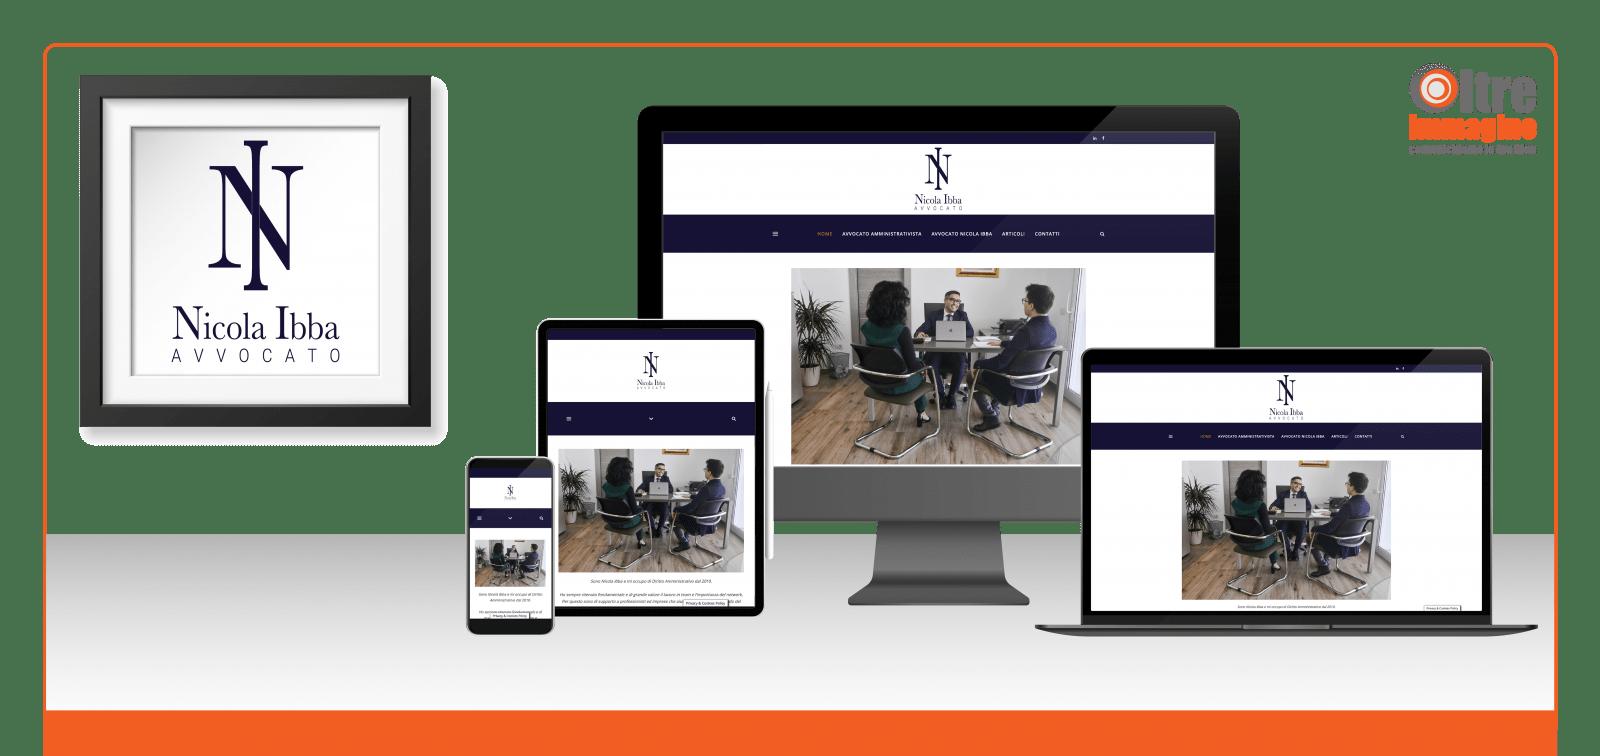 Avvocato Nicola Ibba - studio e realizzazione logo e sito web responsive